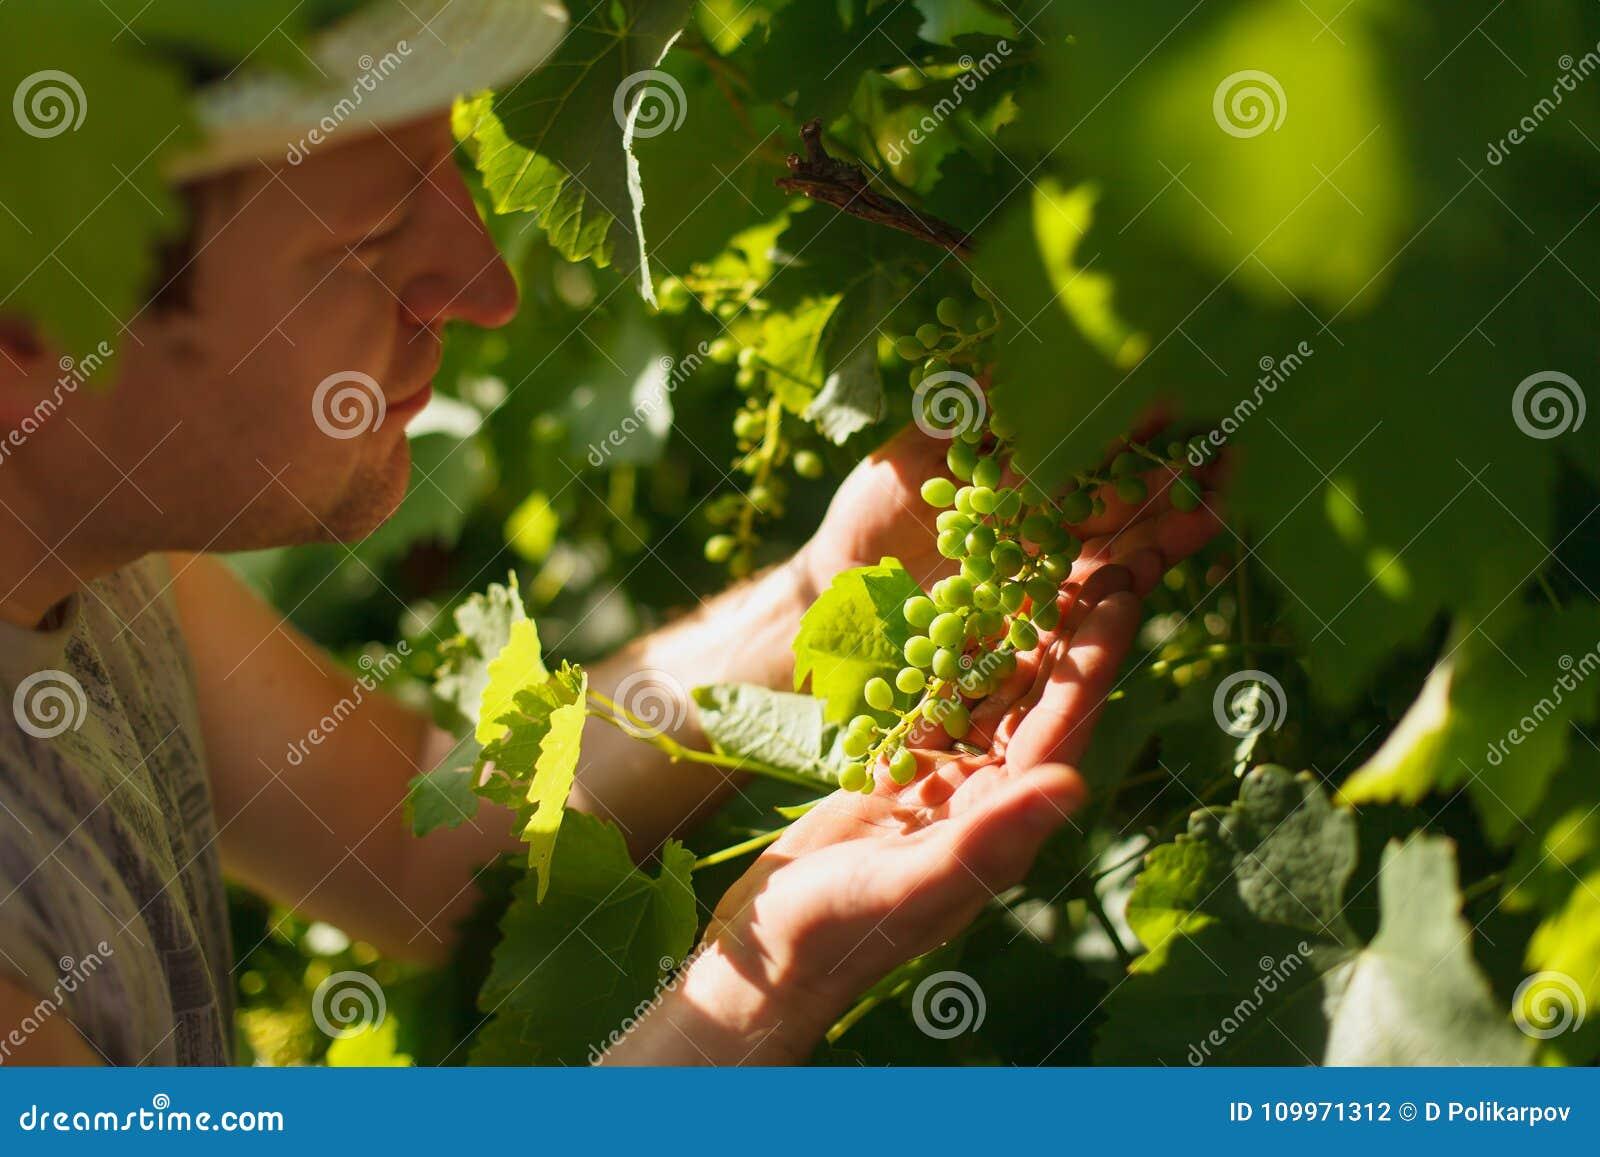 El viticultor está comprobando la vid blanca en el viñedo por el tiempo soleado